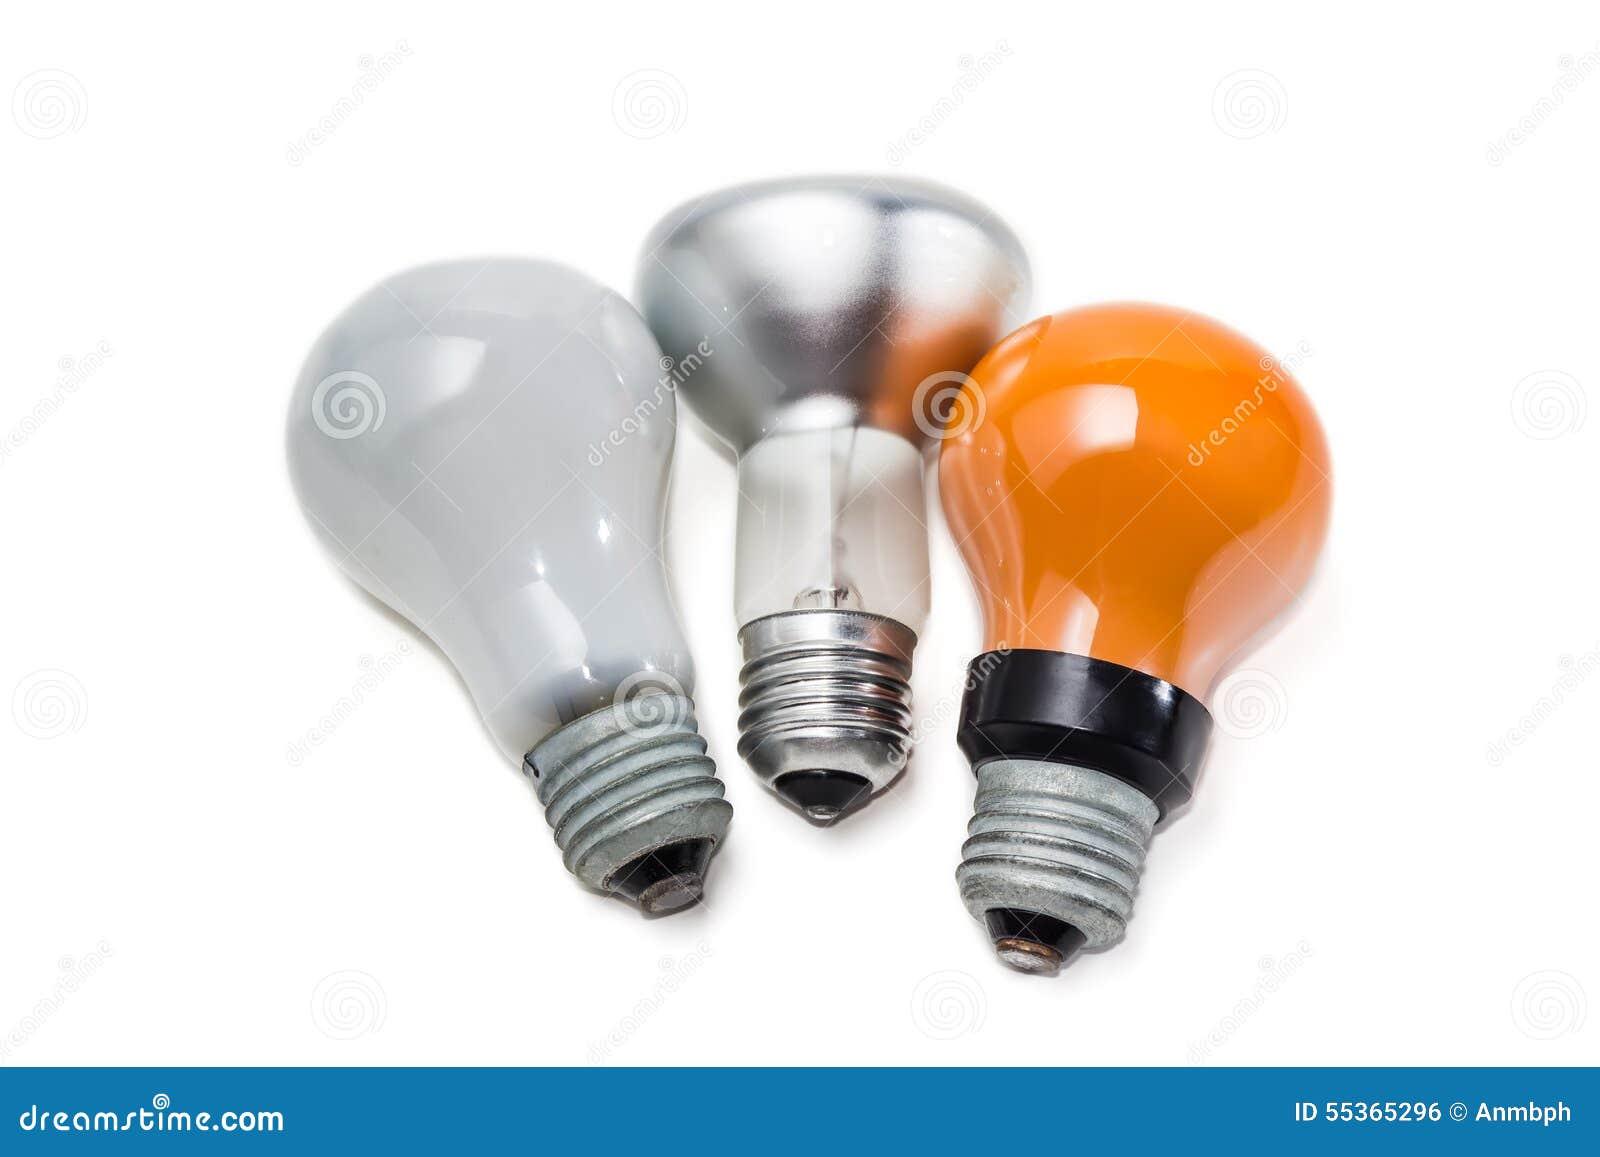 Varia lampada incandescente elettrica